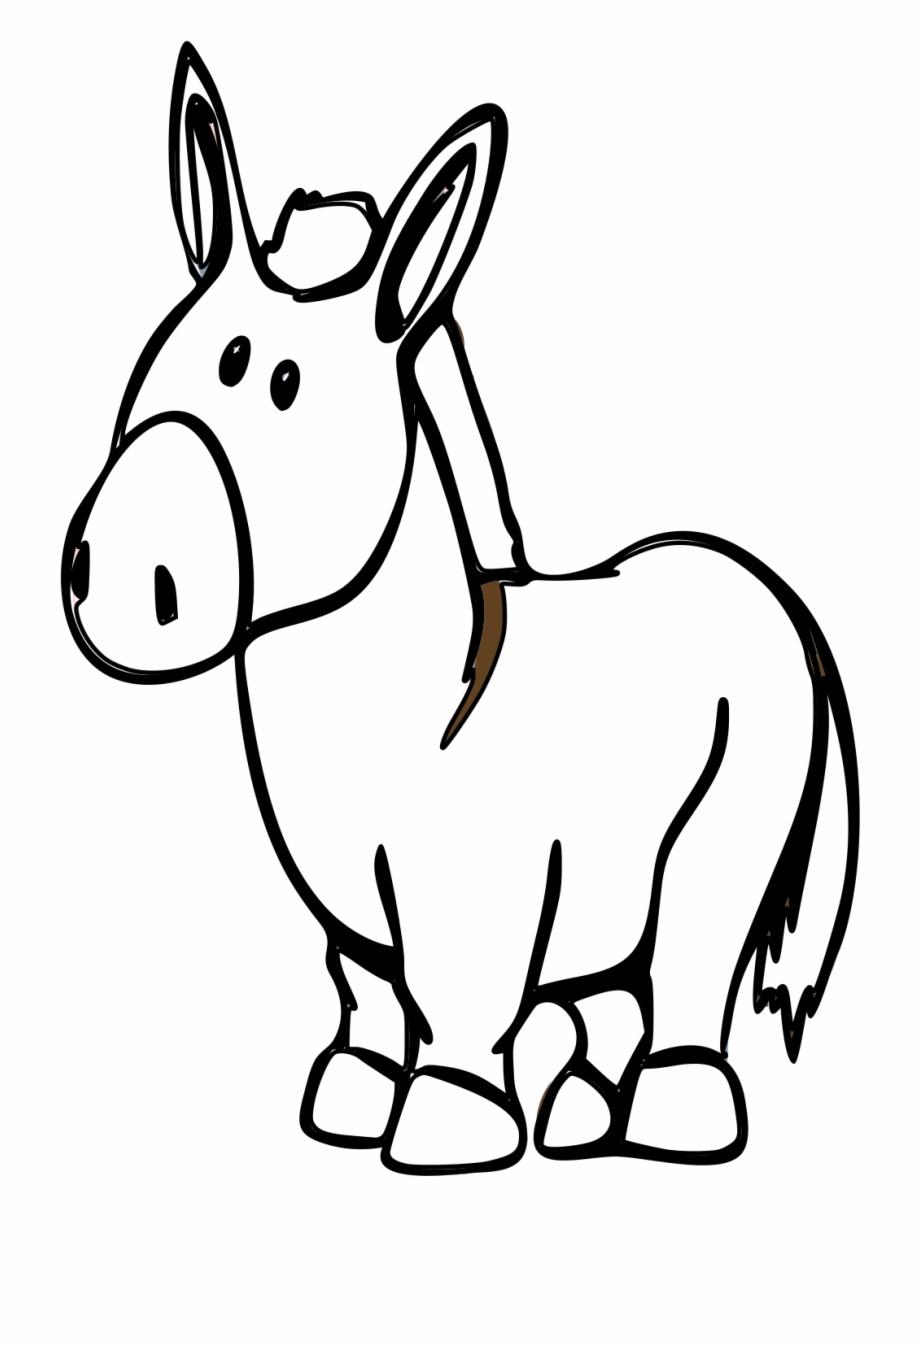 Drawing Donkey Cartoon.